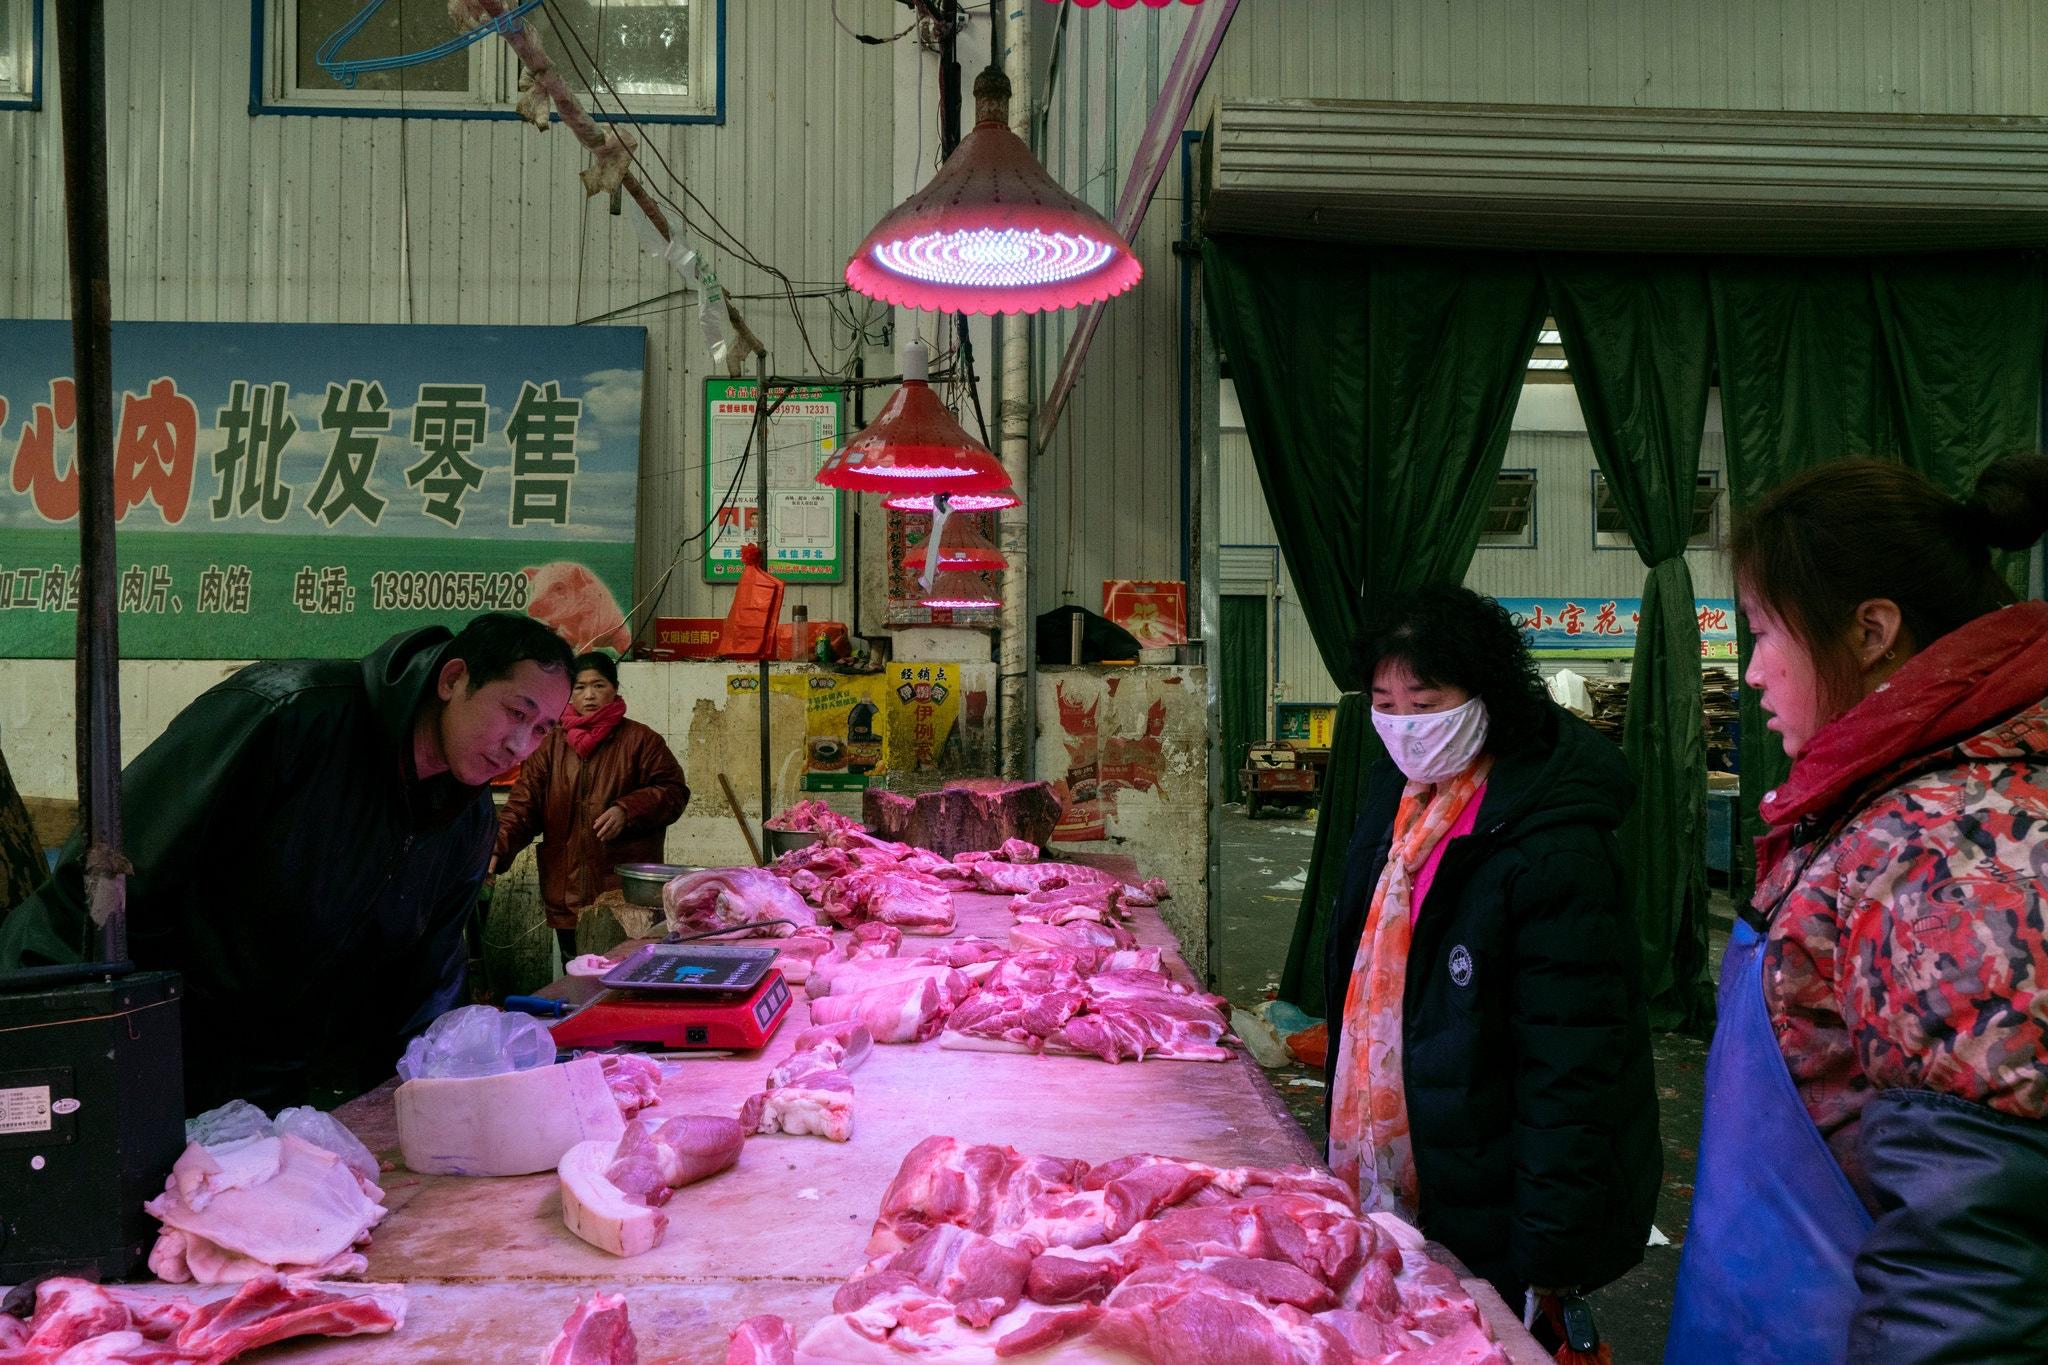 Một khu chợ tại Lang Phường, Trung Quốc hồi tháng 1/2020. Ảnh: NY Times